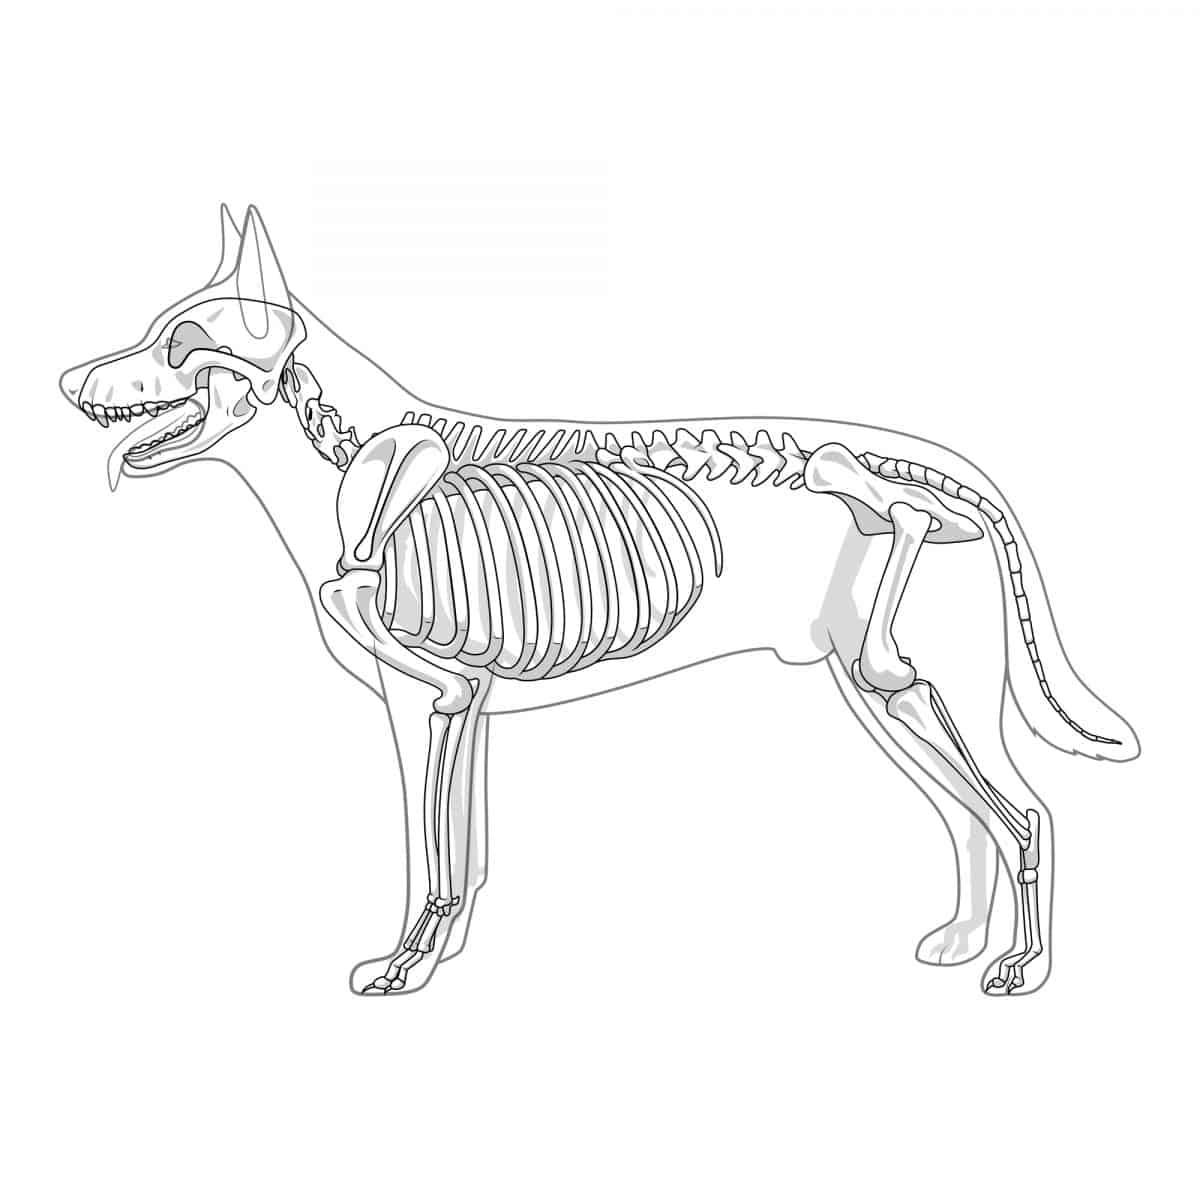 Zwyrodnienia kręgosłupa u psa